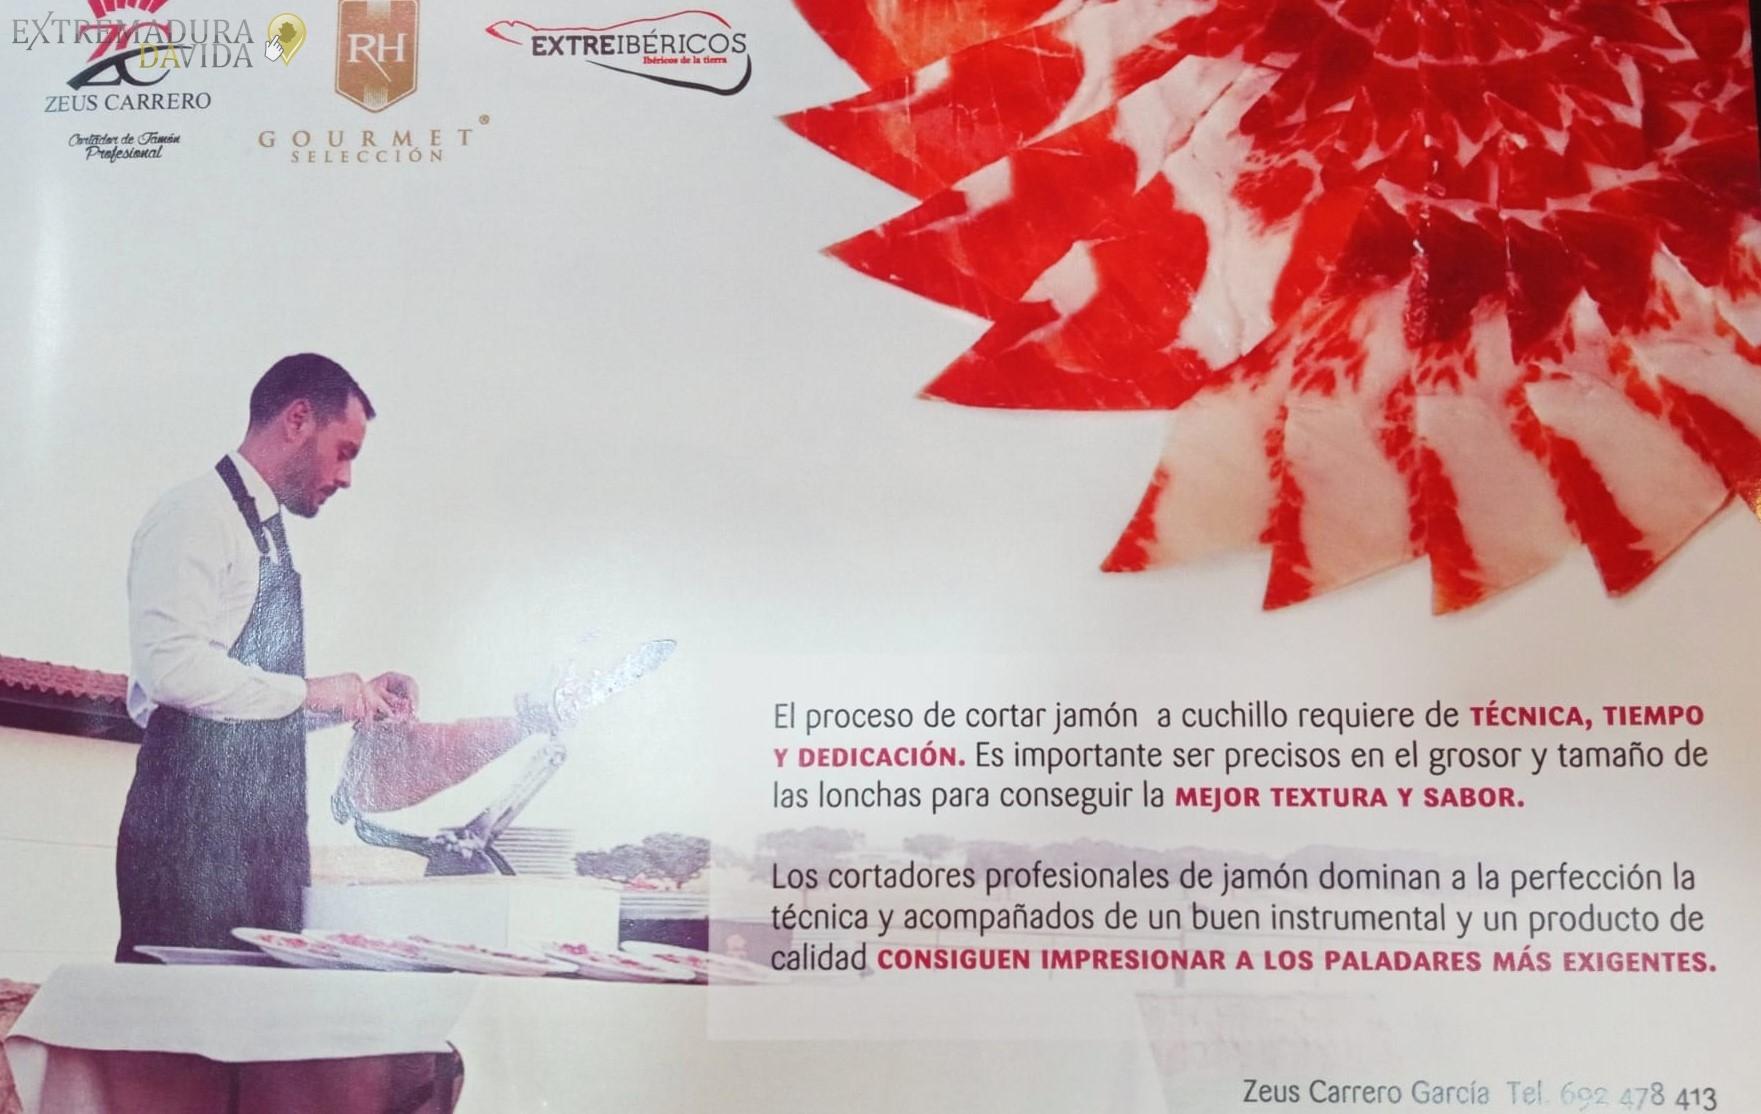 Productos Extremeños en el centro de Cáceres Extreibérícos